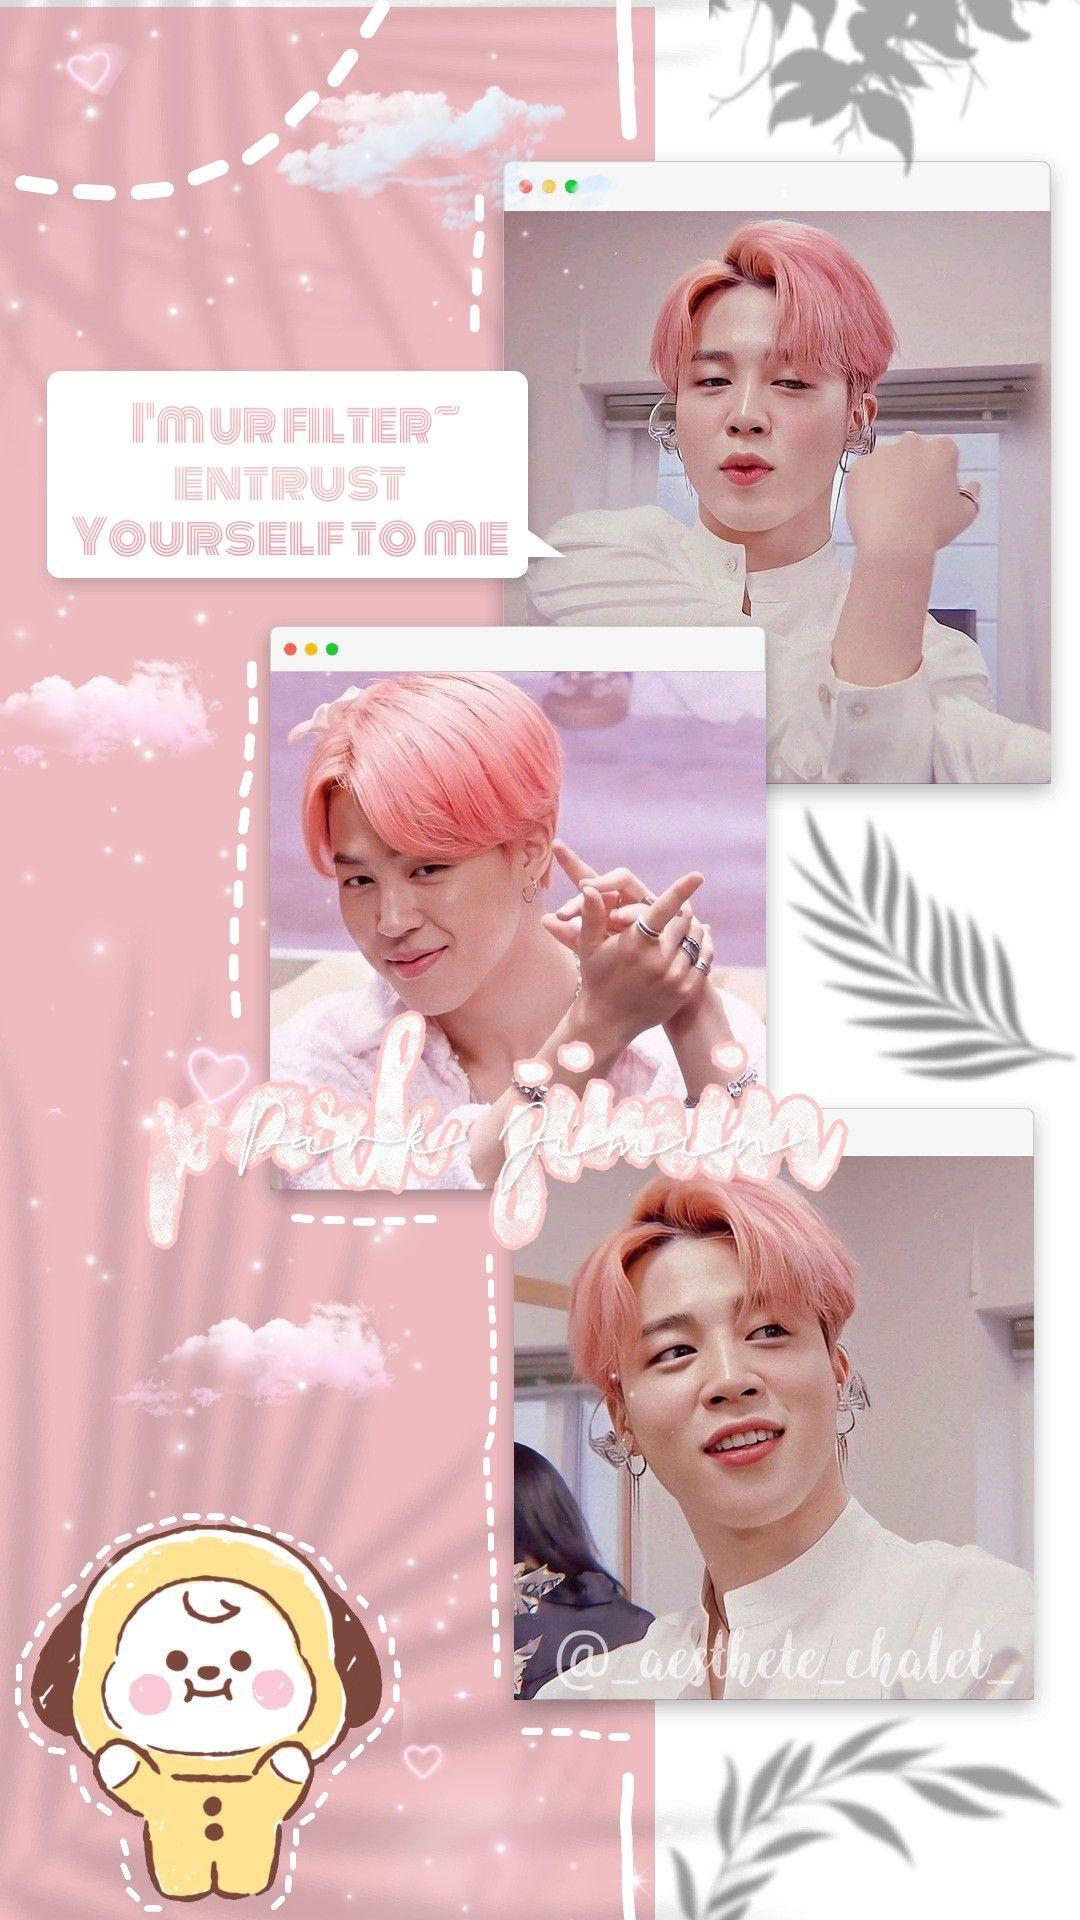 Bts Park Jimin Soft Pink Wallpaper Gambar Wallpaper Lucu Ungu